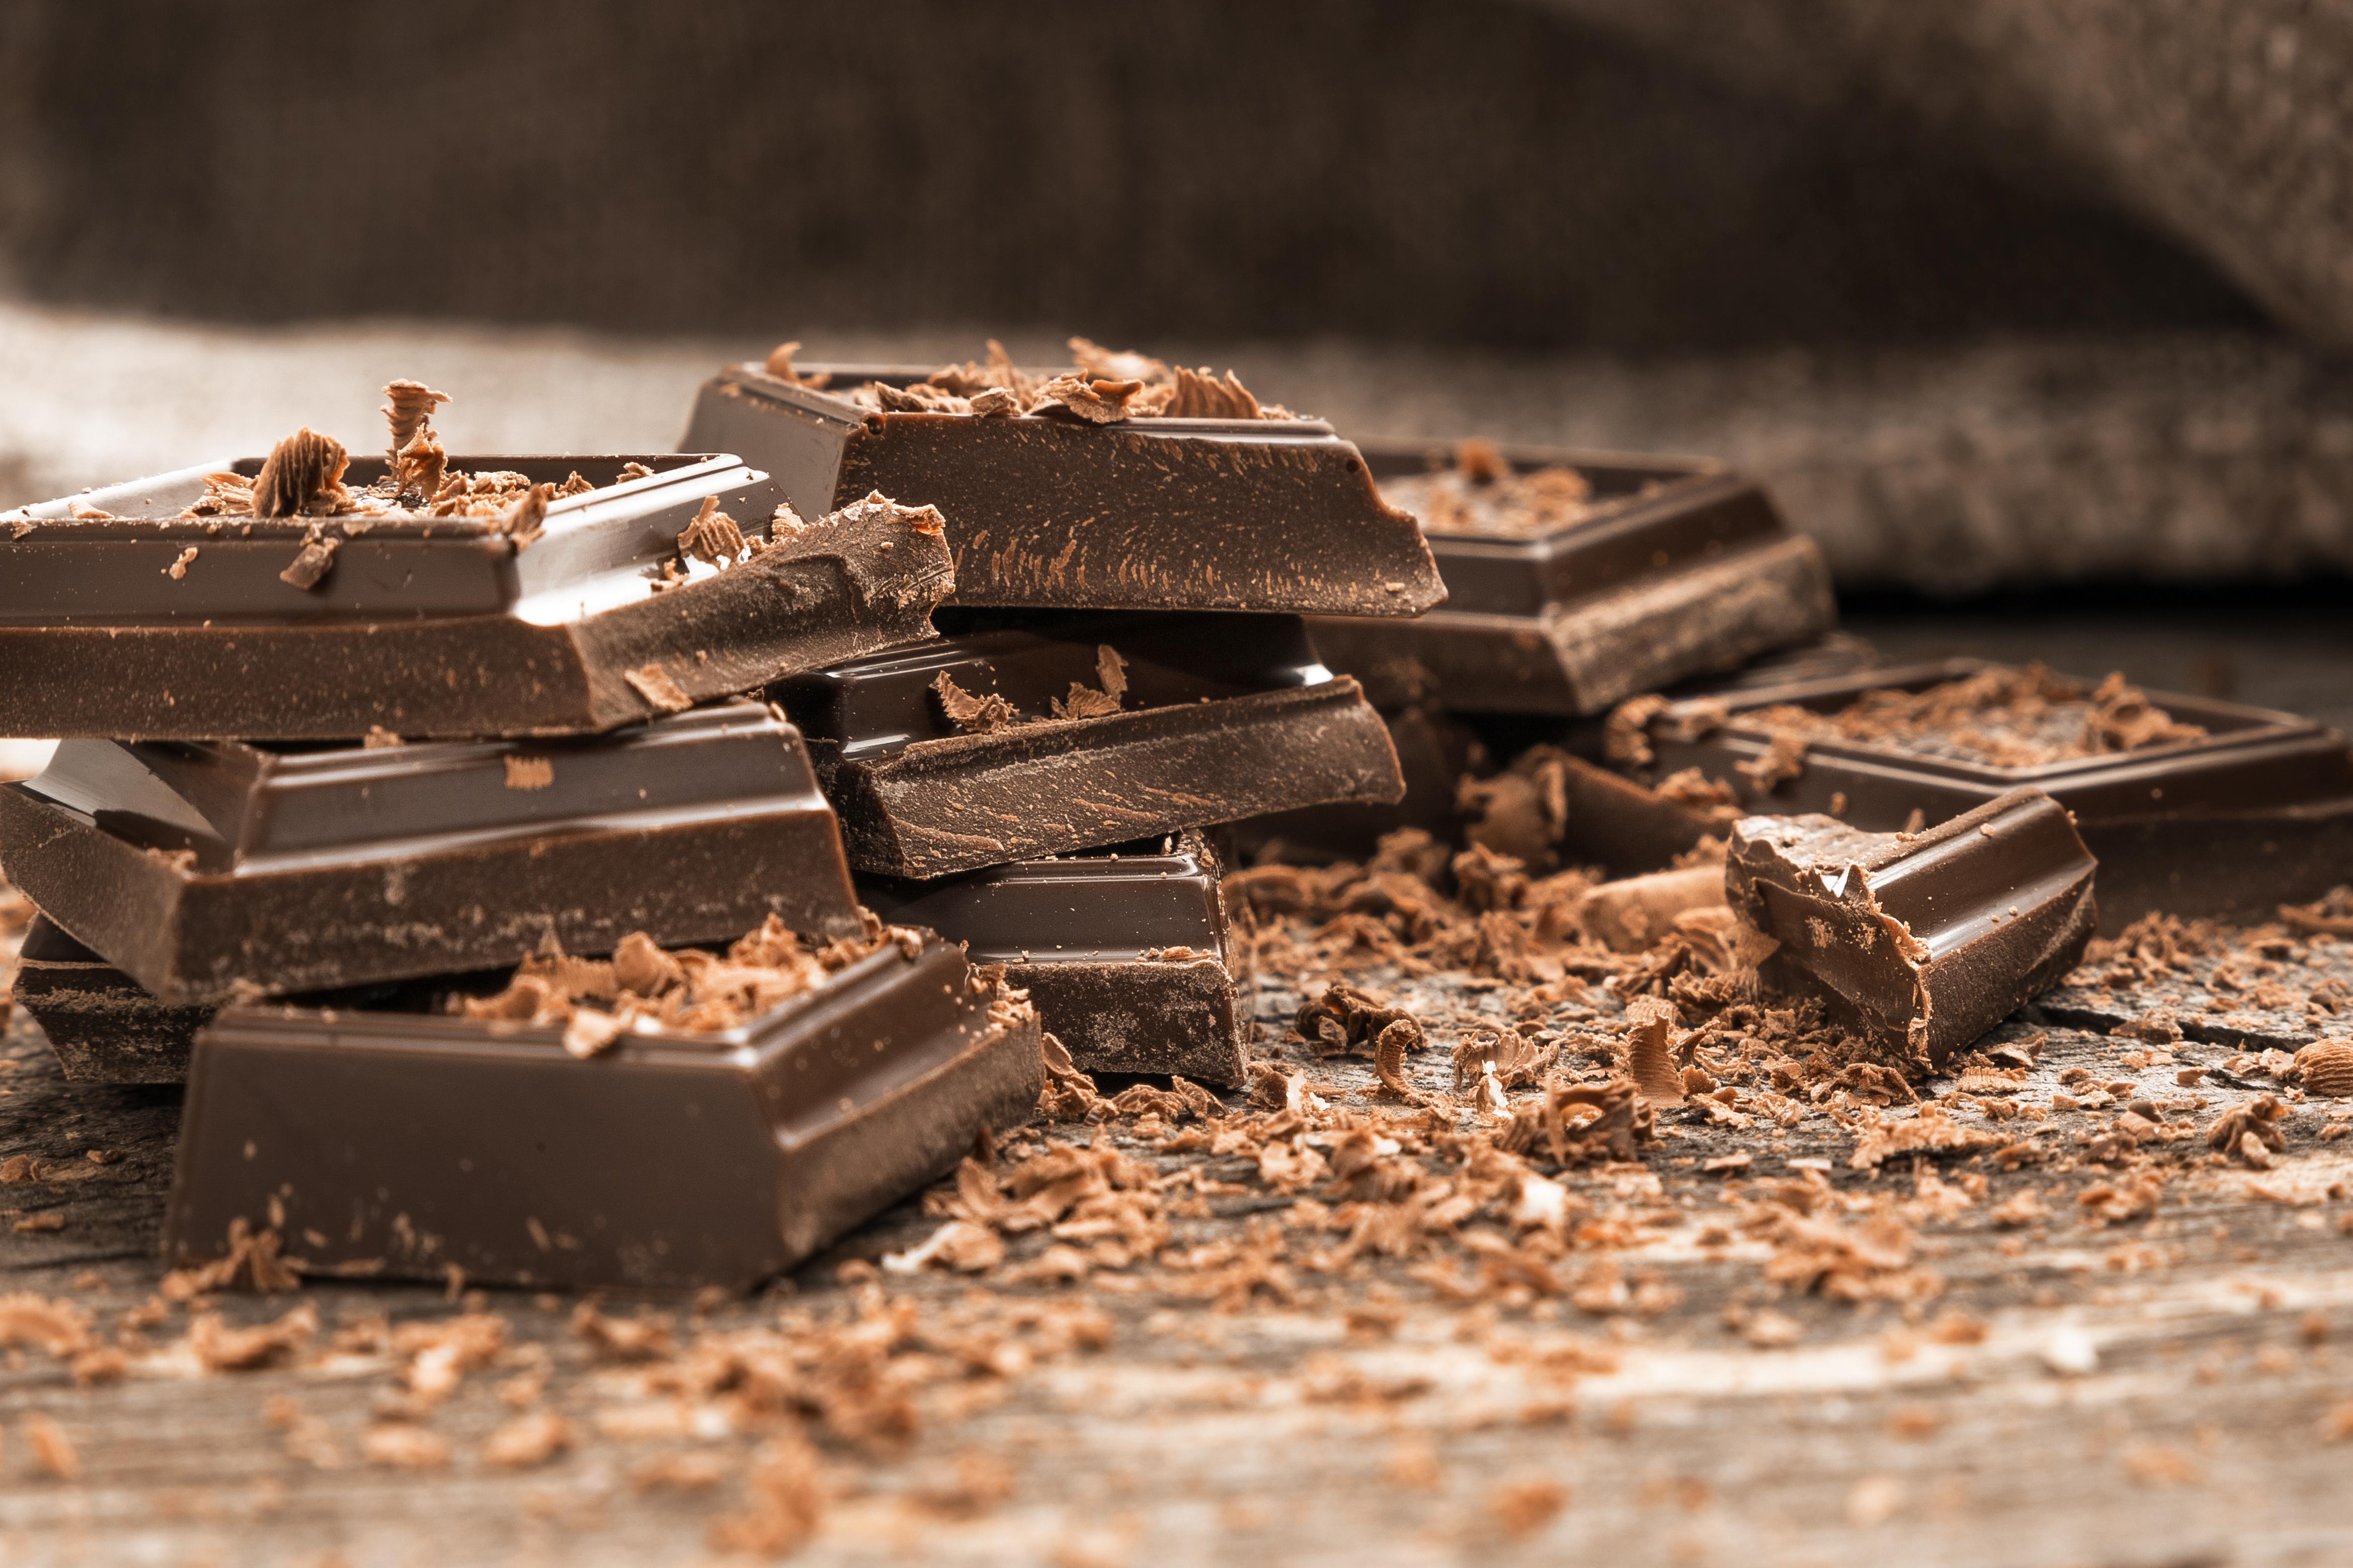 <p><strong>2. Кога хората започват да консумират шоколад в твърда форма, а не само в течна?</strong></p>  <p>Б) Около 1850 - 1860 г.&nbsp;<br /> &nbsp;</p>